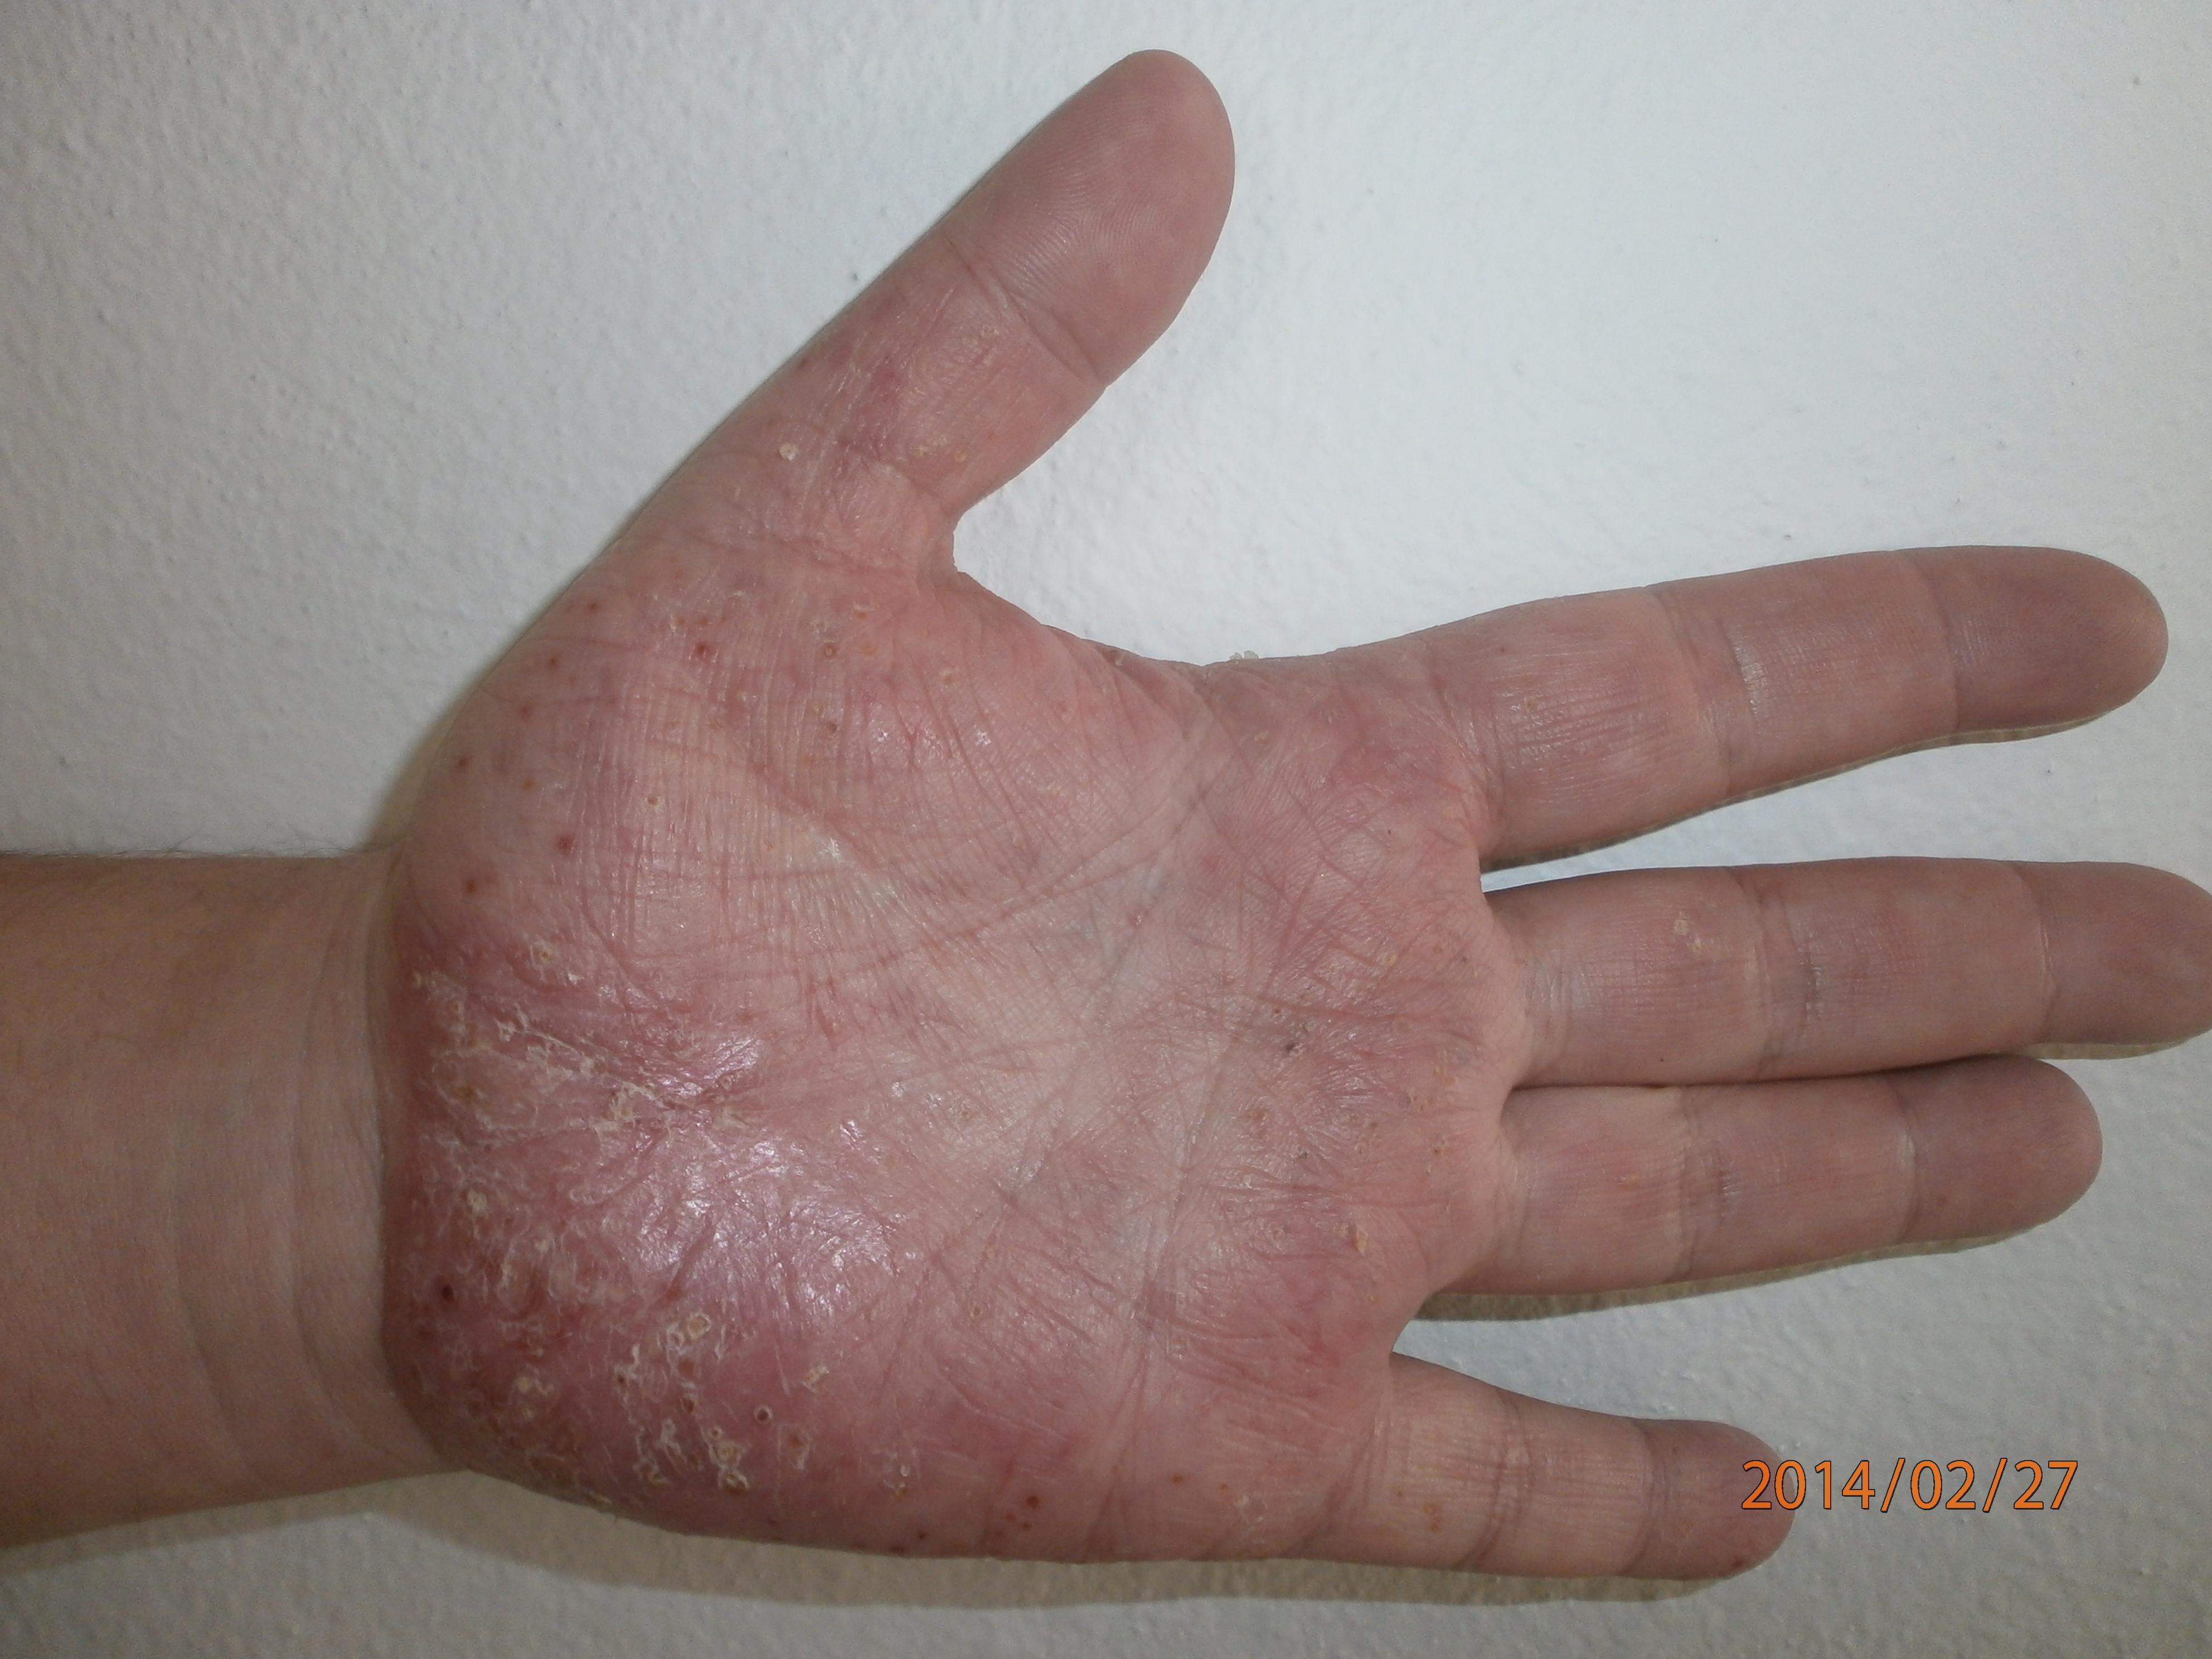 pikkelysömör fotó a kezdeti szakasz kezeléséről az arcon kenőcs pikkelysömör urticaria